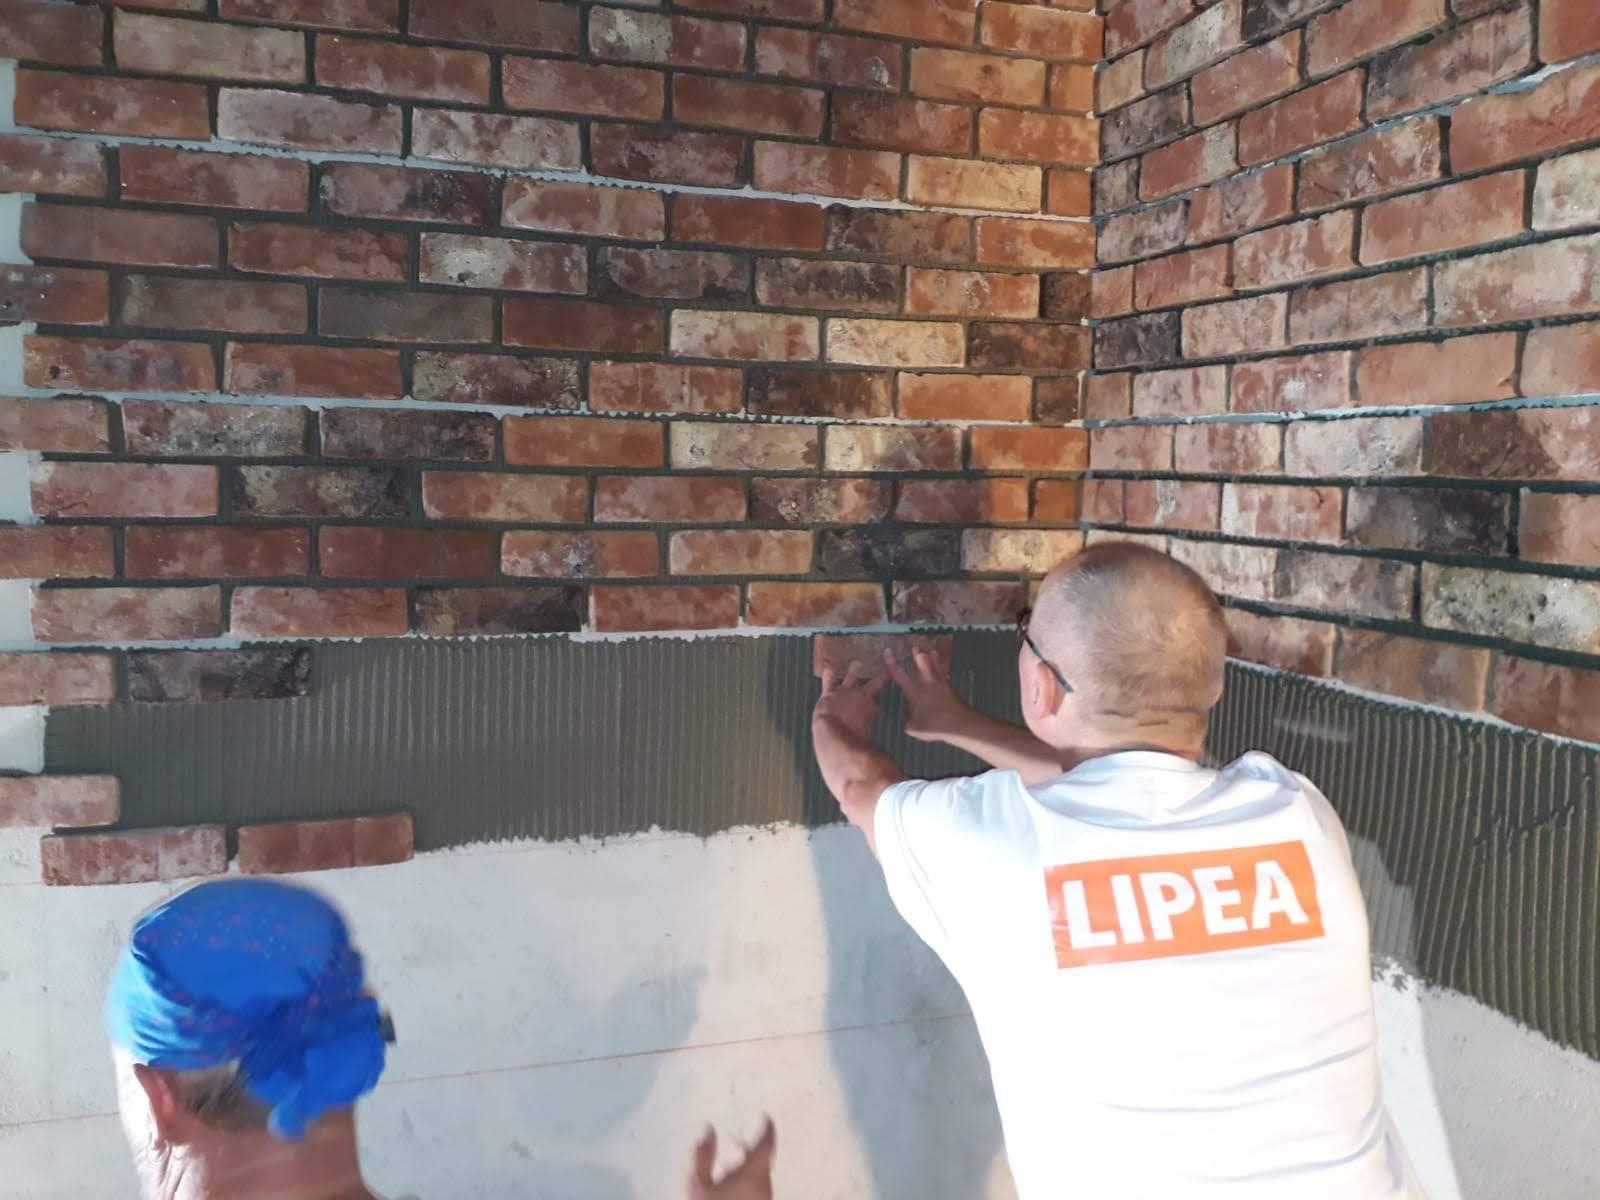 LIPEA - lepení a spárování cihlových pásků